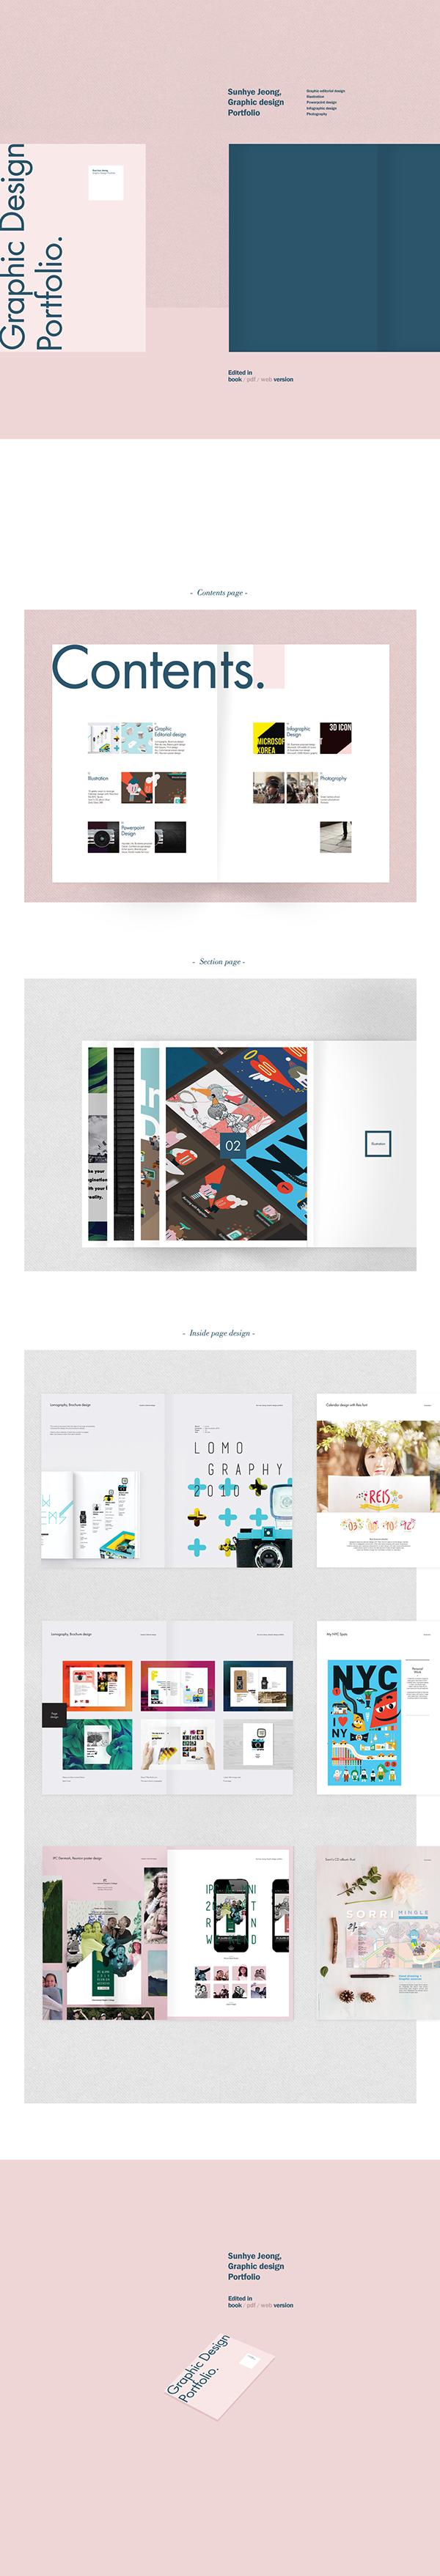 有設計感的48張作品集設計欣賞